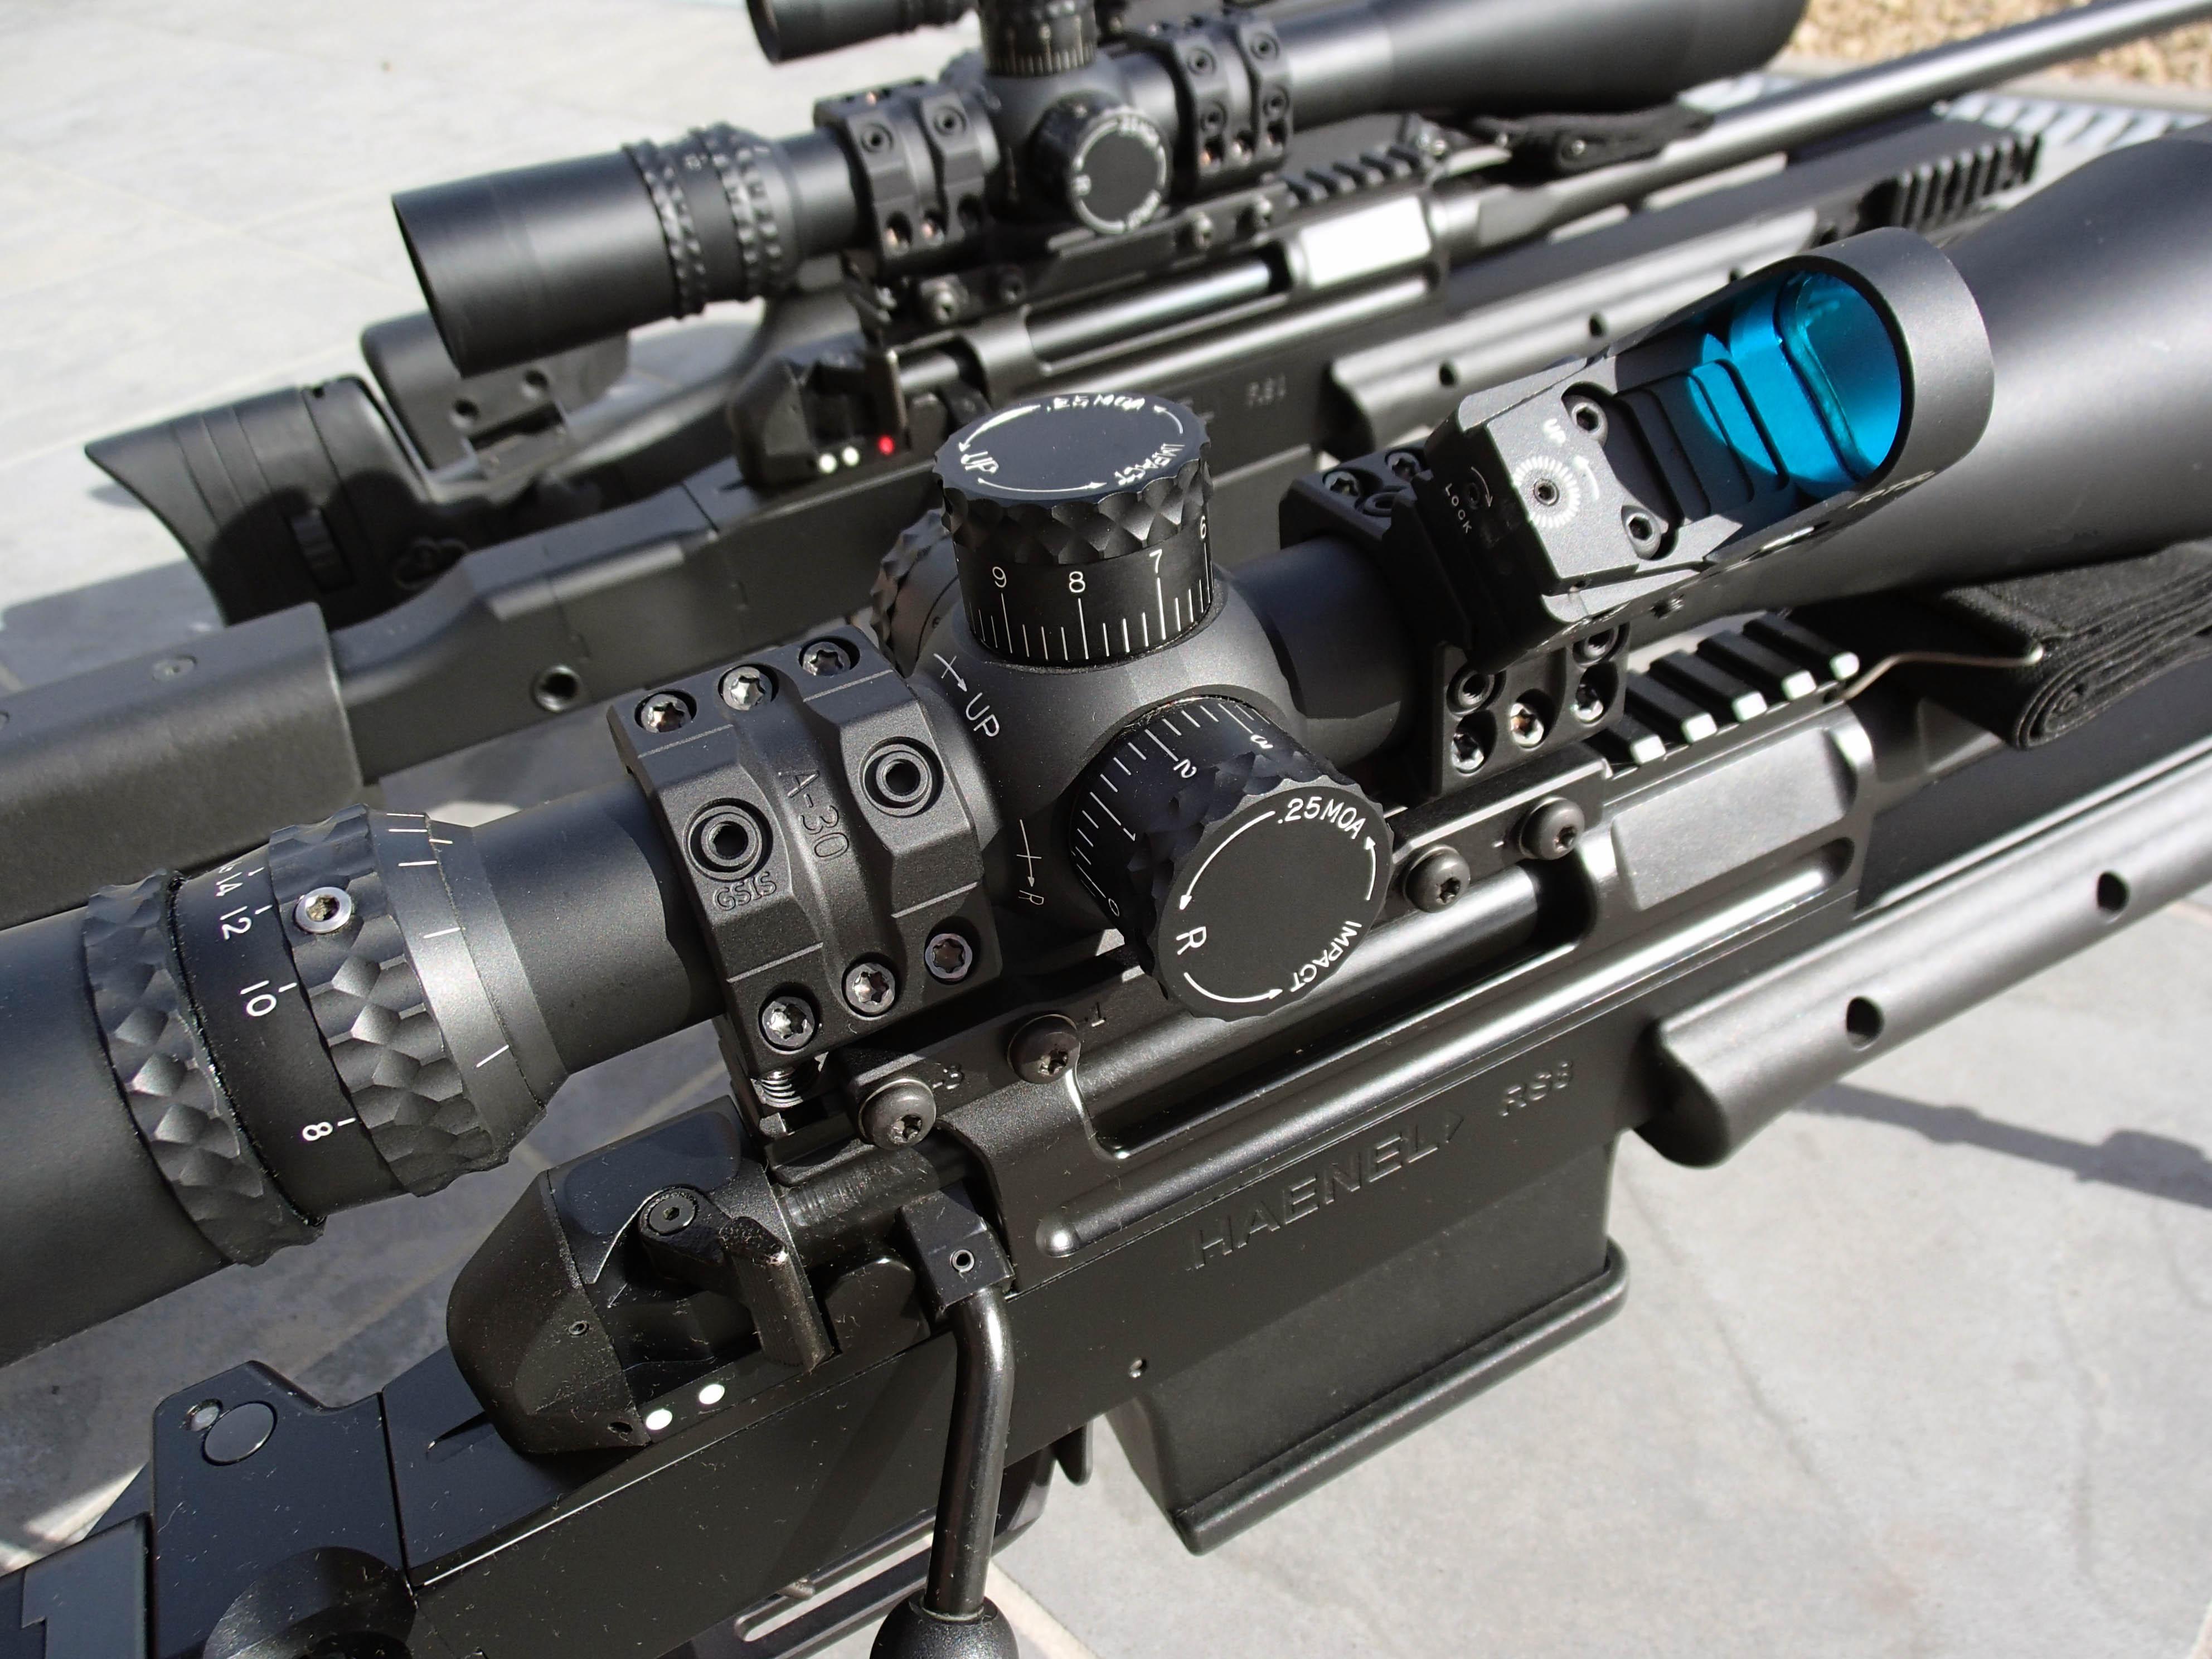 Sniper-41dcDLcUNsXe8Z8